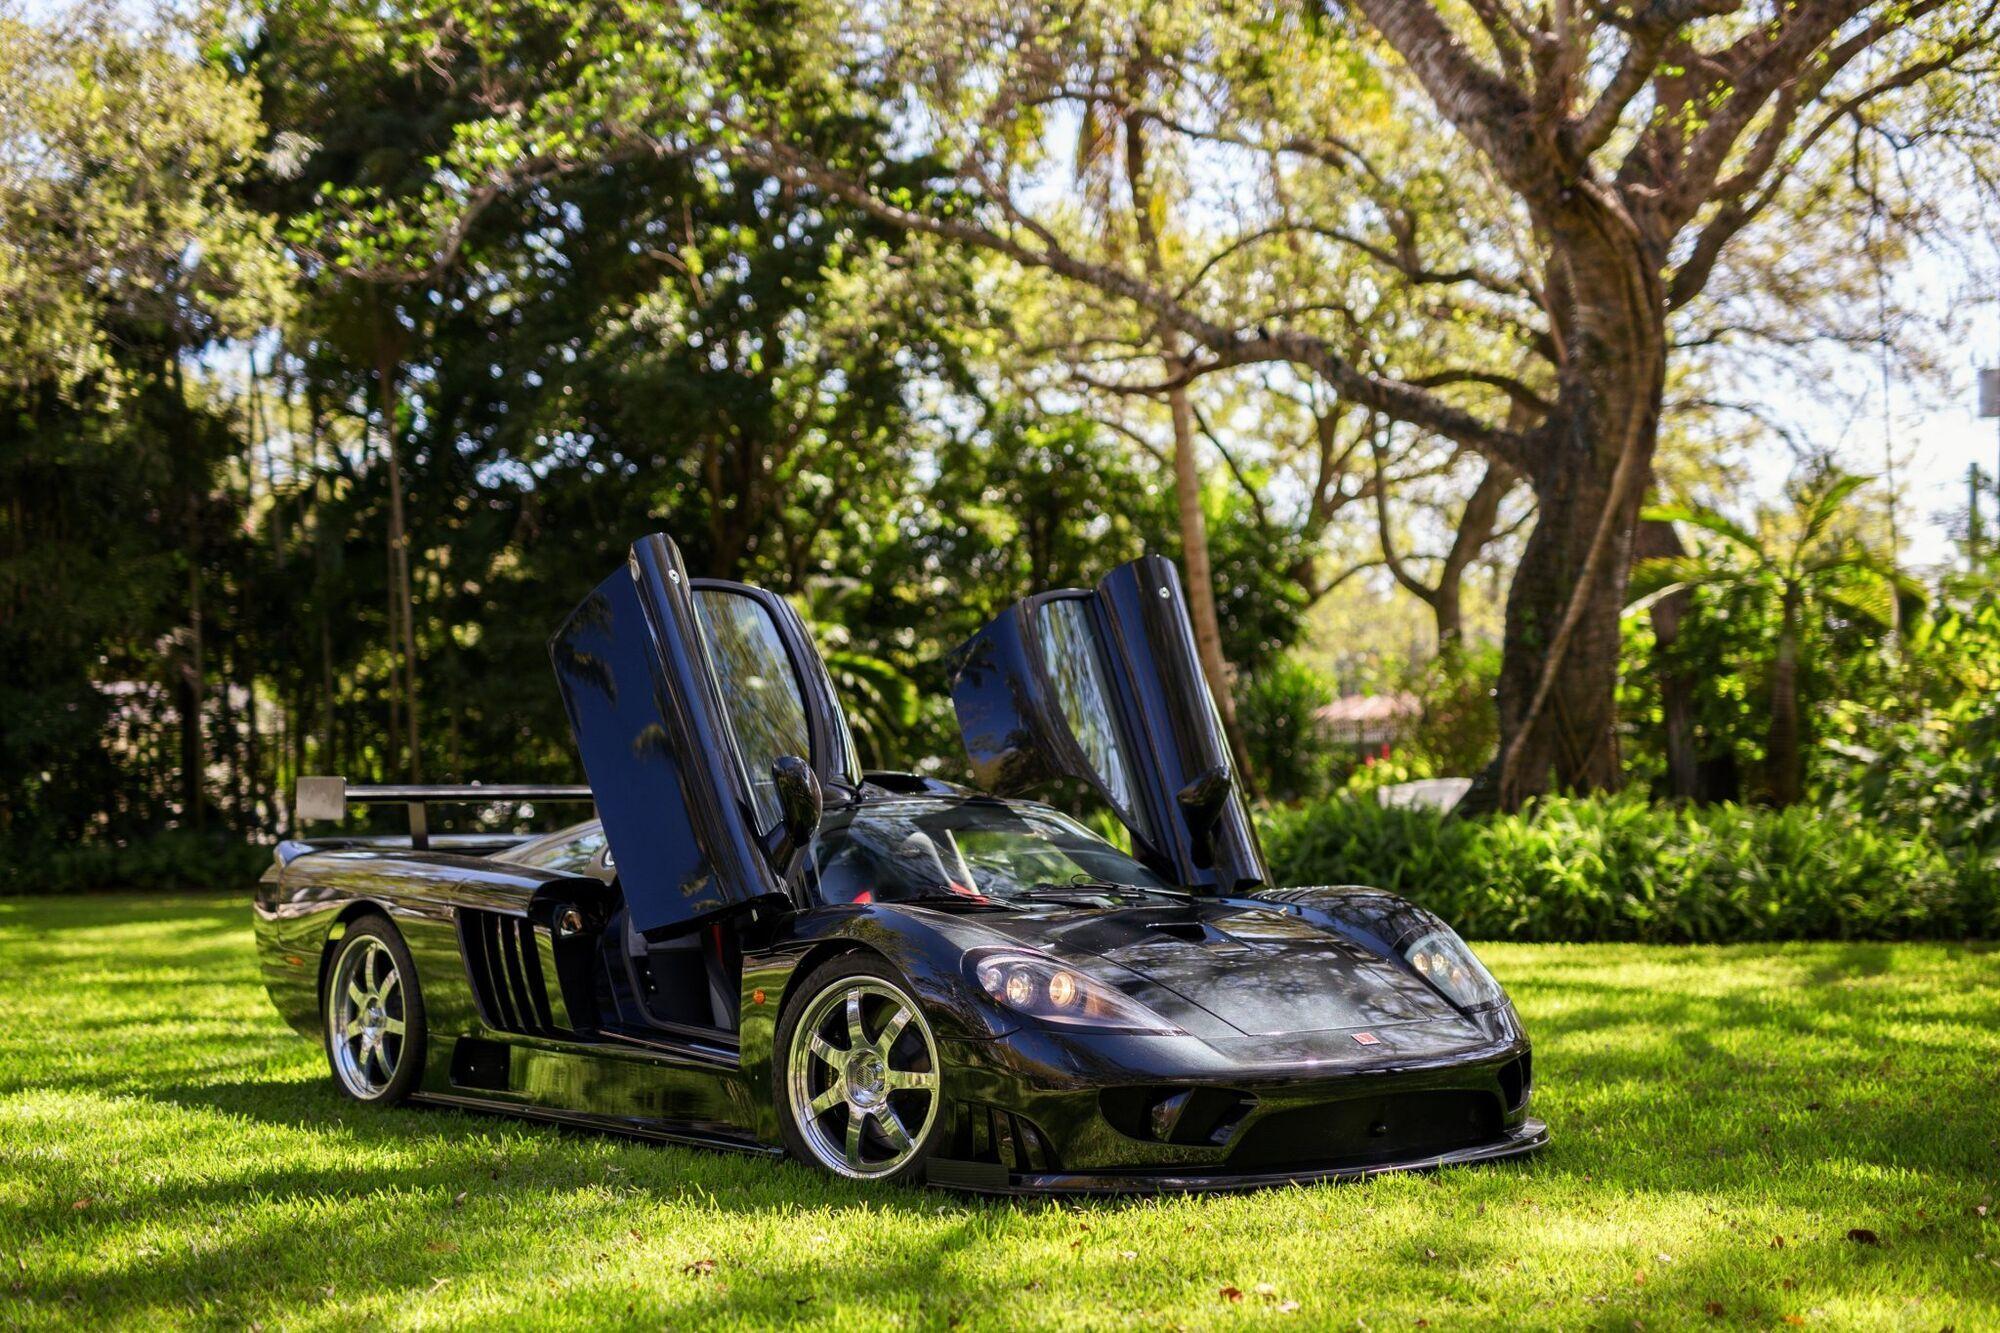 У 2000 році компанія Saleen здивувала світову громадськість суперкаром Saleen S7